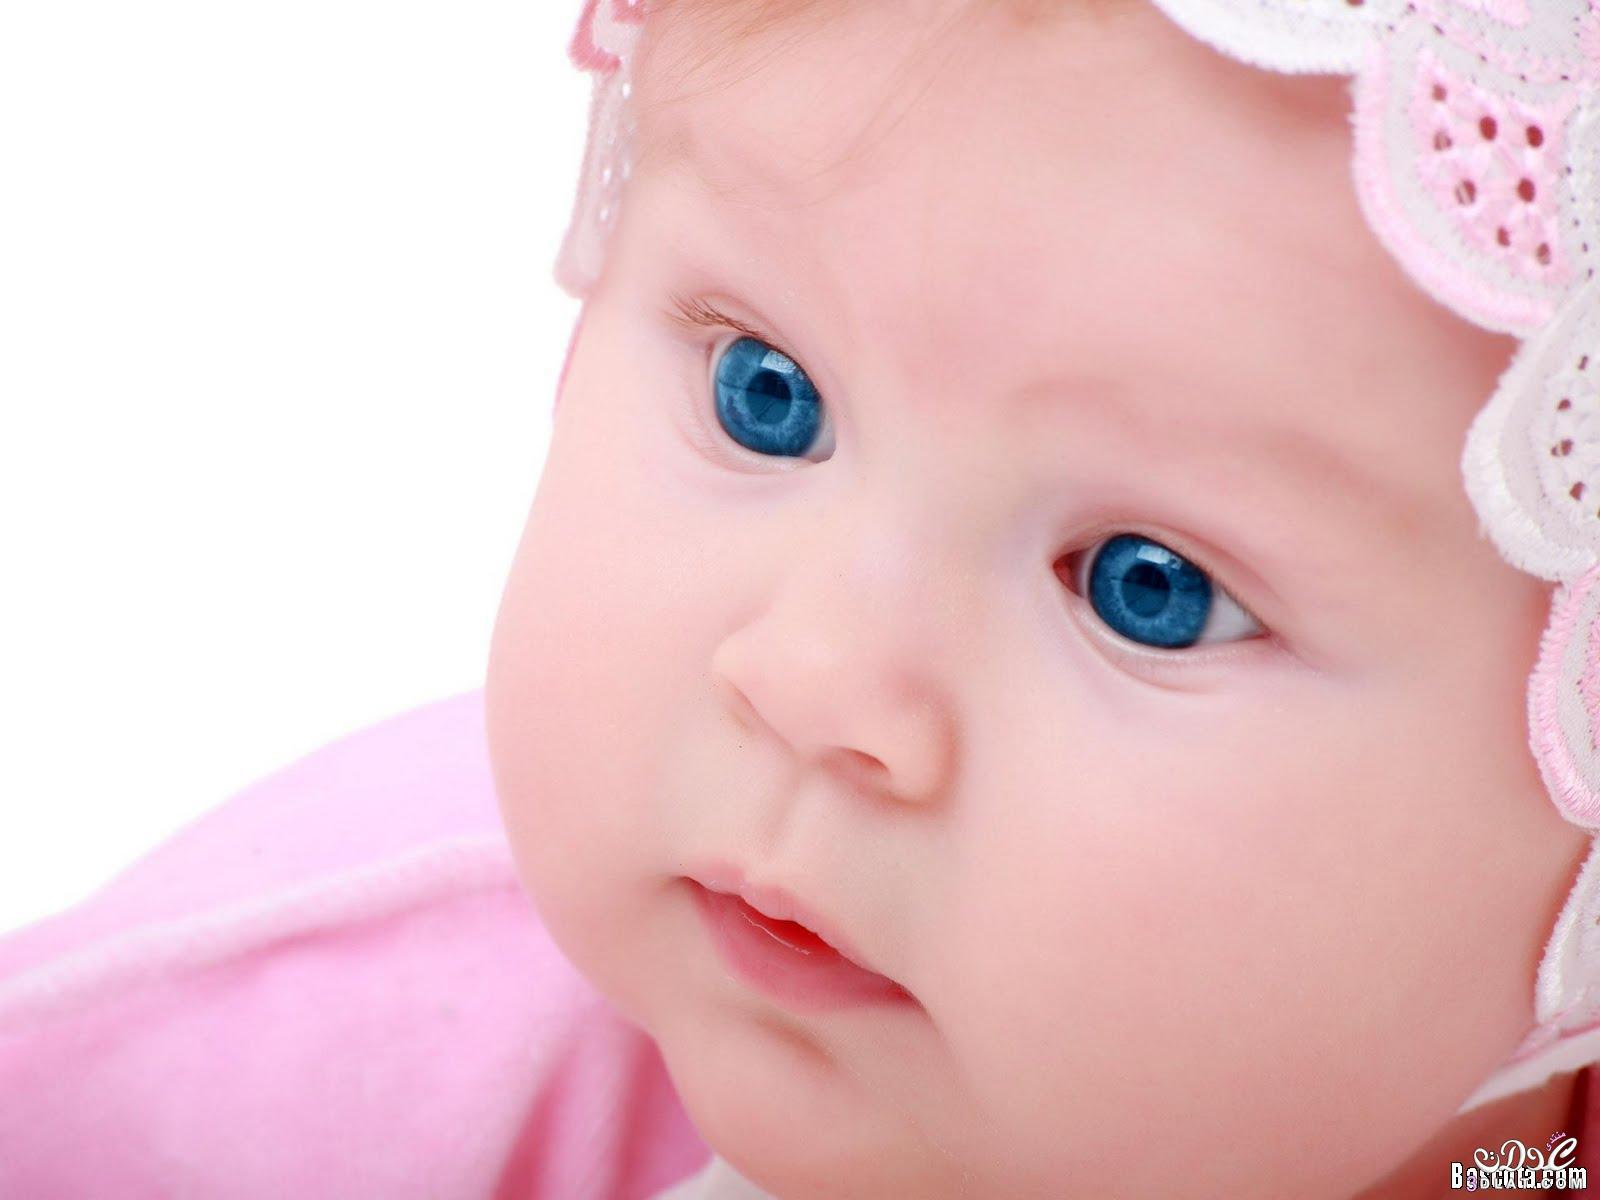 صور أطفال جميلة 2020 اجمل صور الاطفال صور بيبى جميلة ولاد وبنات صغار 36